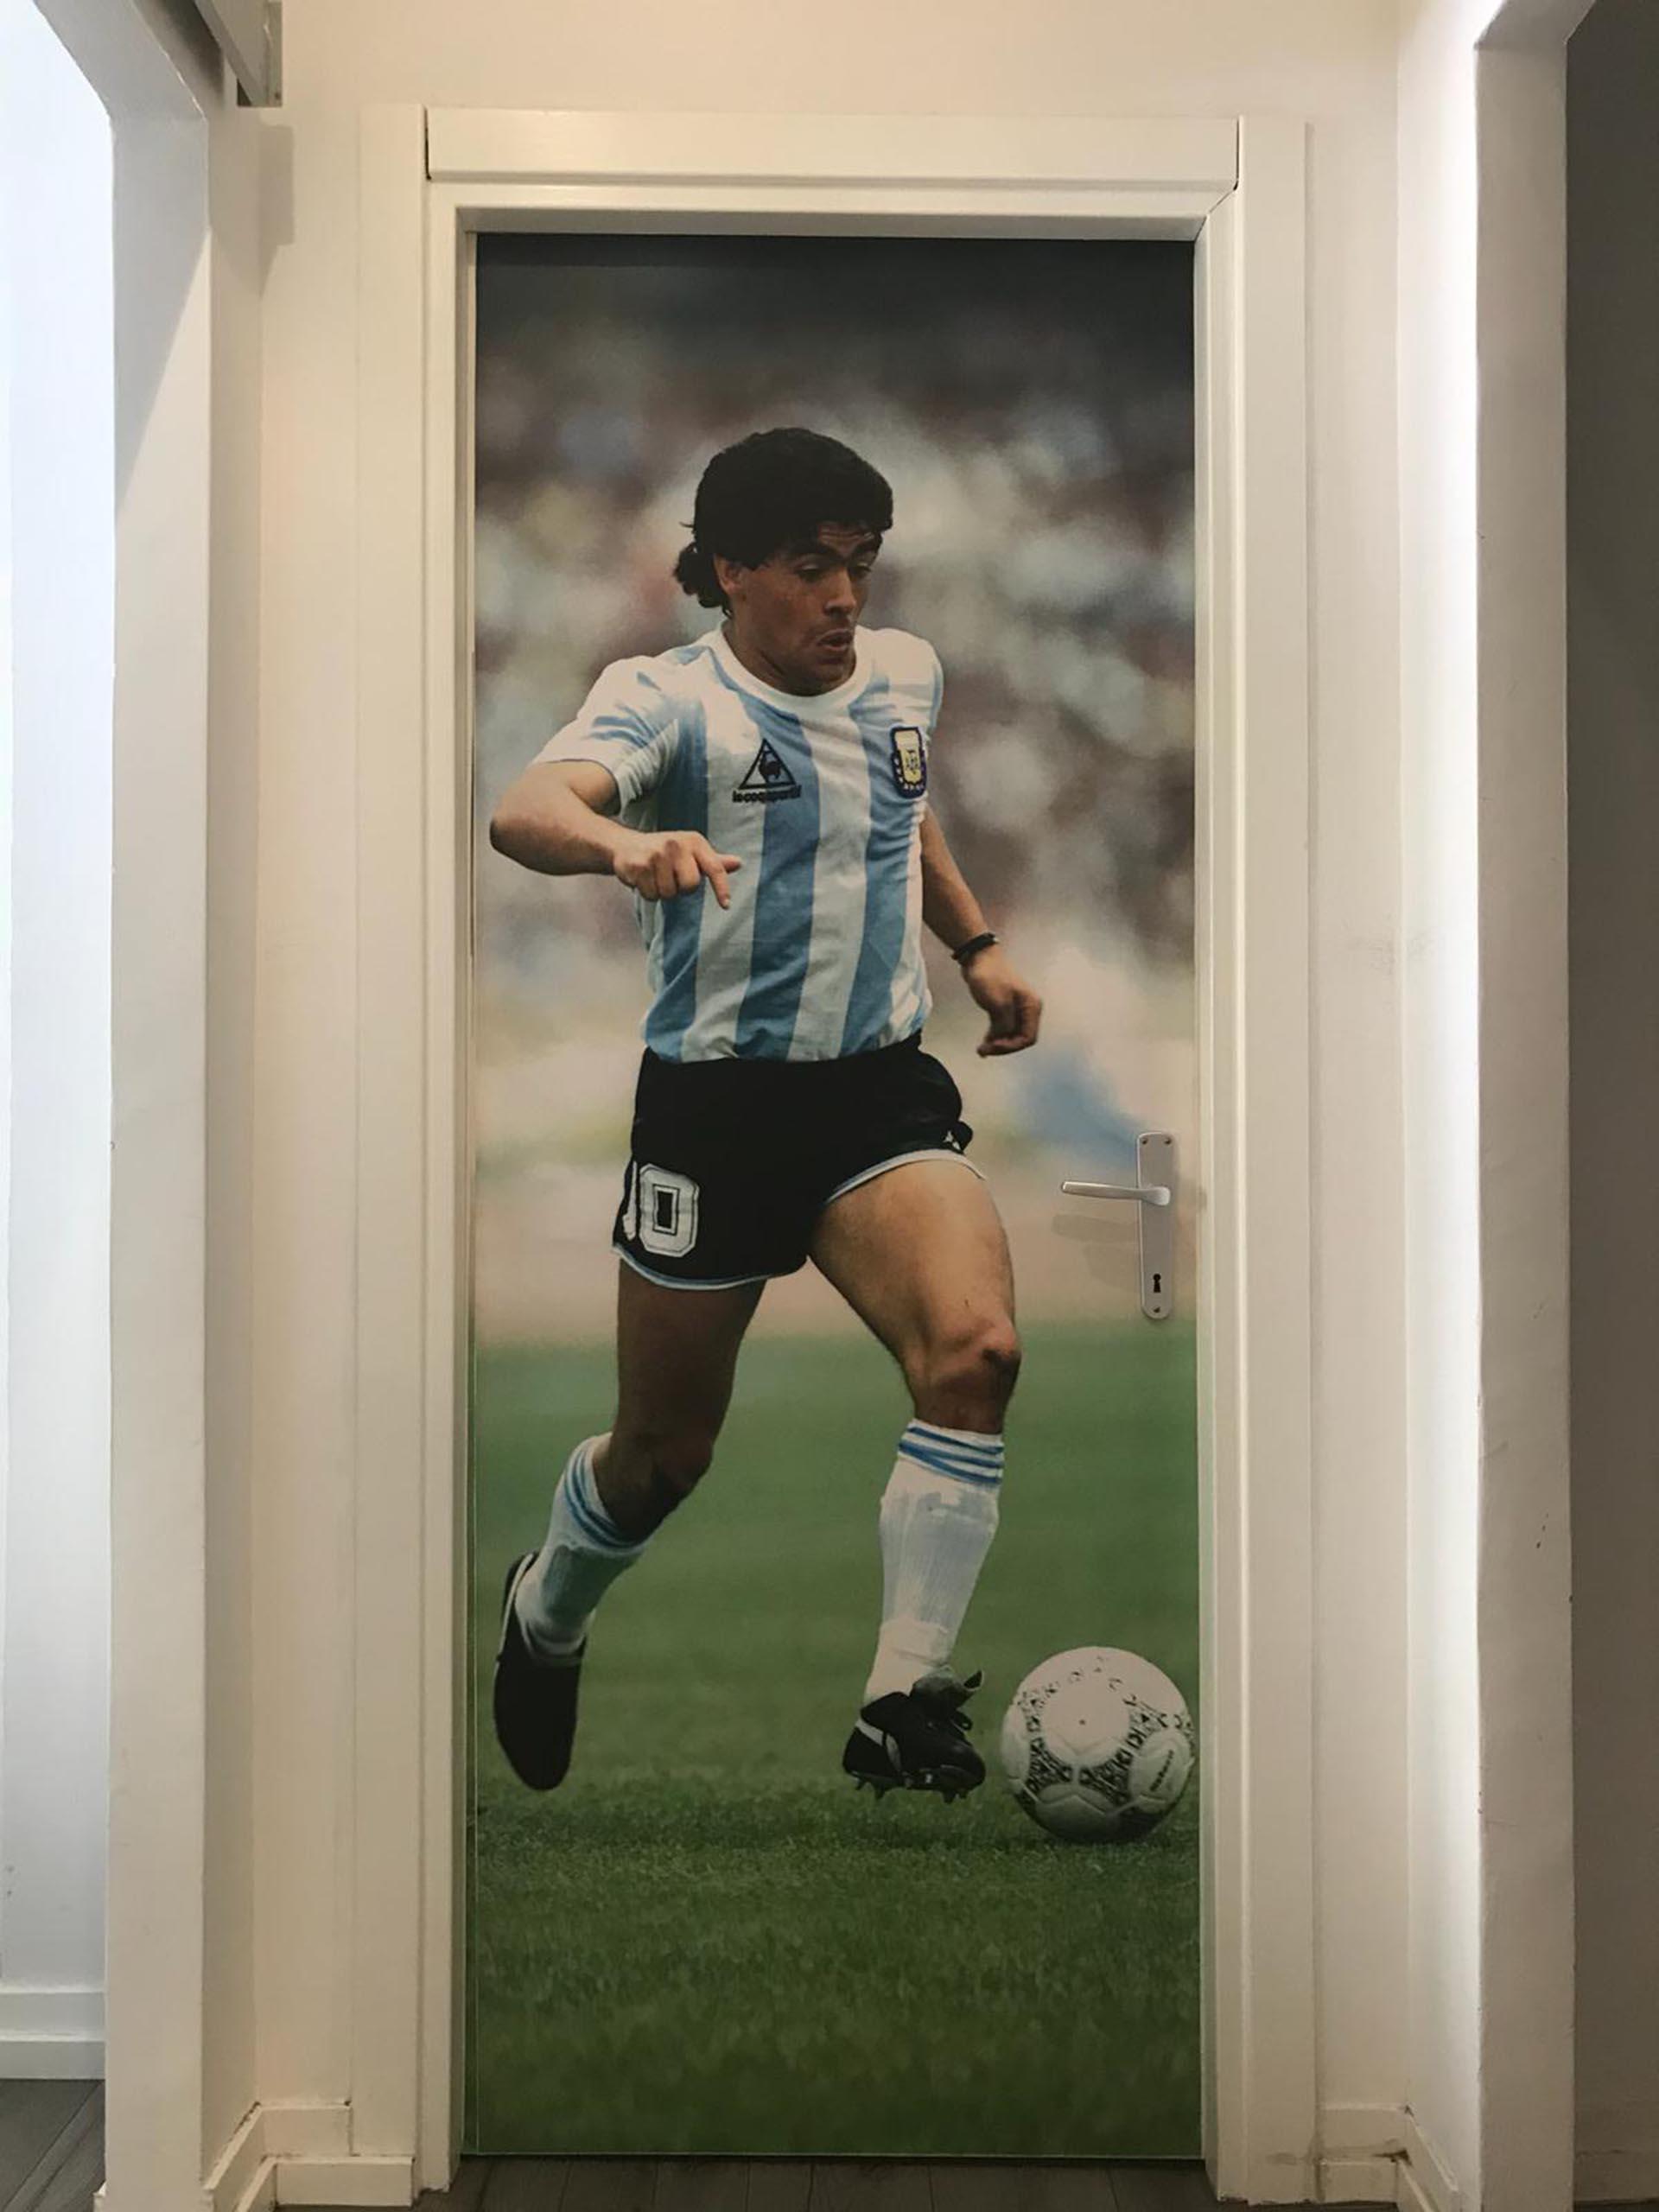 """En las oficinas de """"Cornersport"""" son fanáticos de Diego Maradona y por eso, una gigantografía suya decora una de sus puertas"""